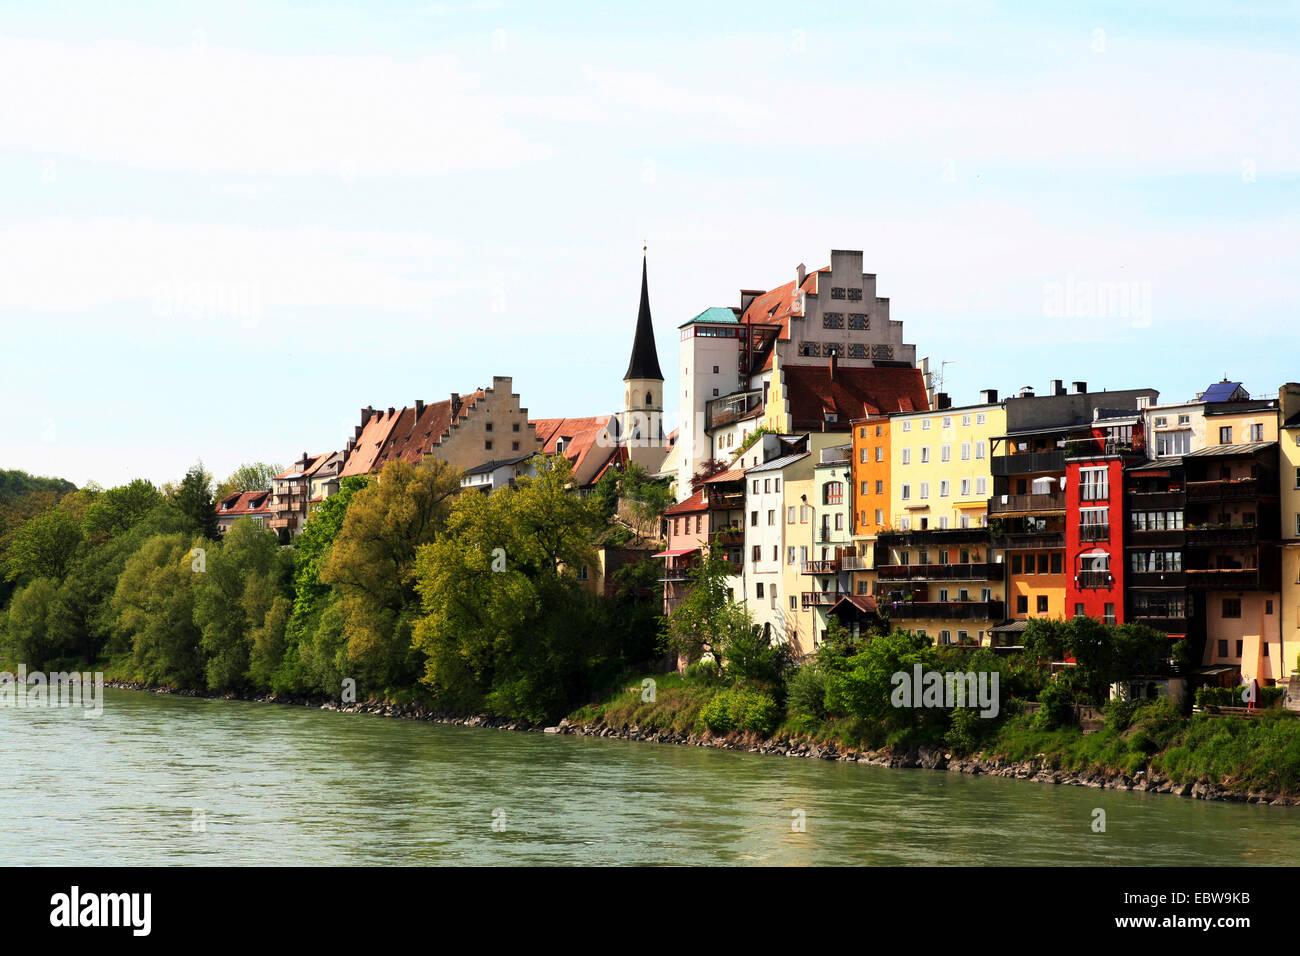 Wasserburg Am Inn Germania città vecchia vicino al fiume inn banca , germania baviera